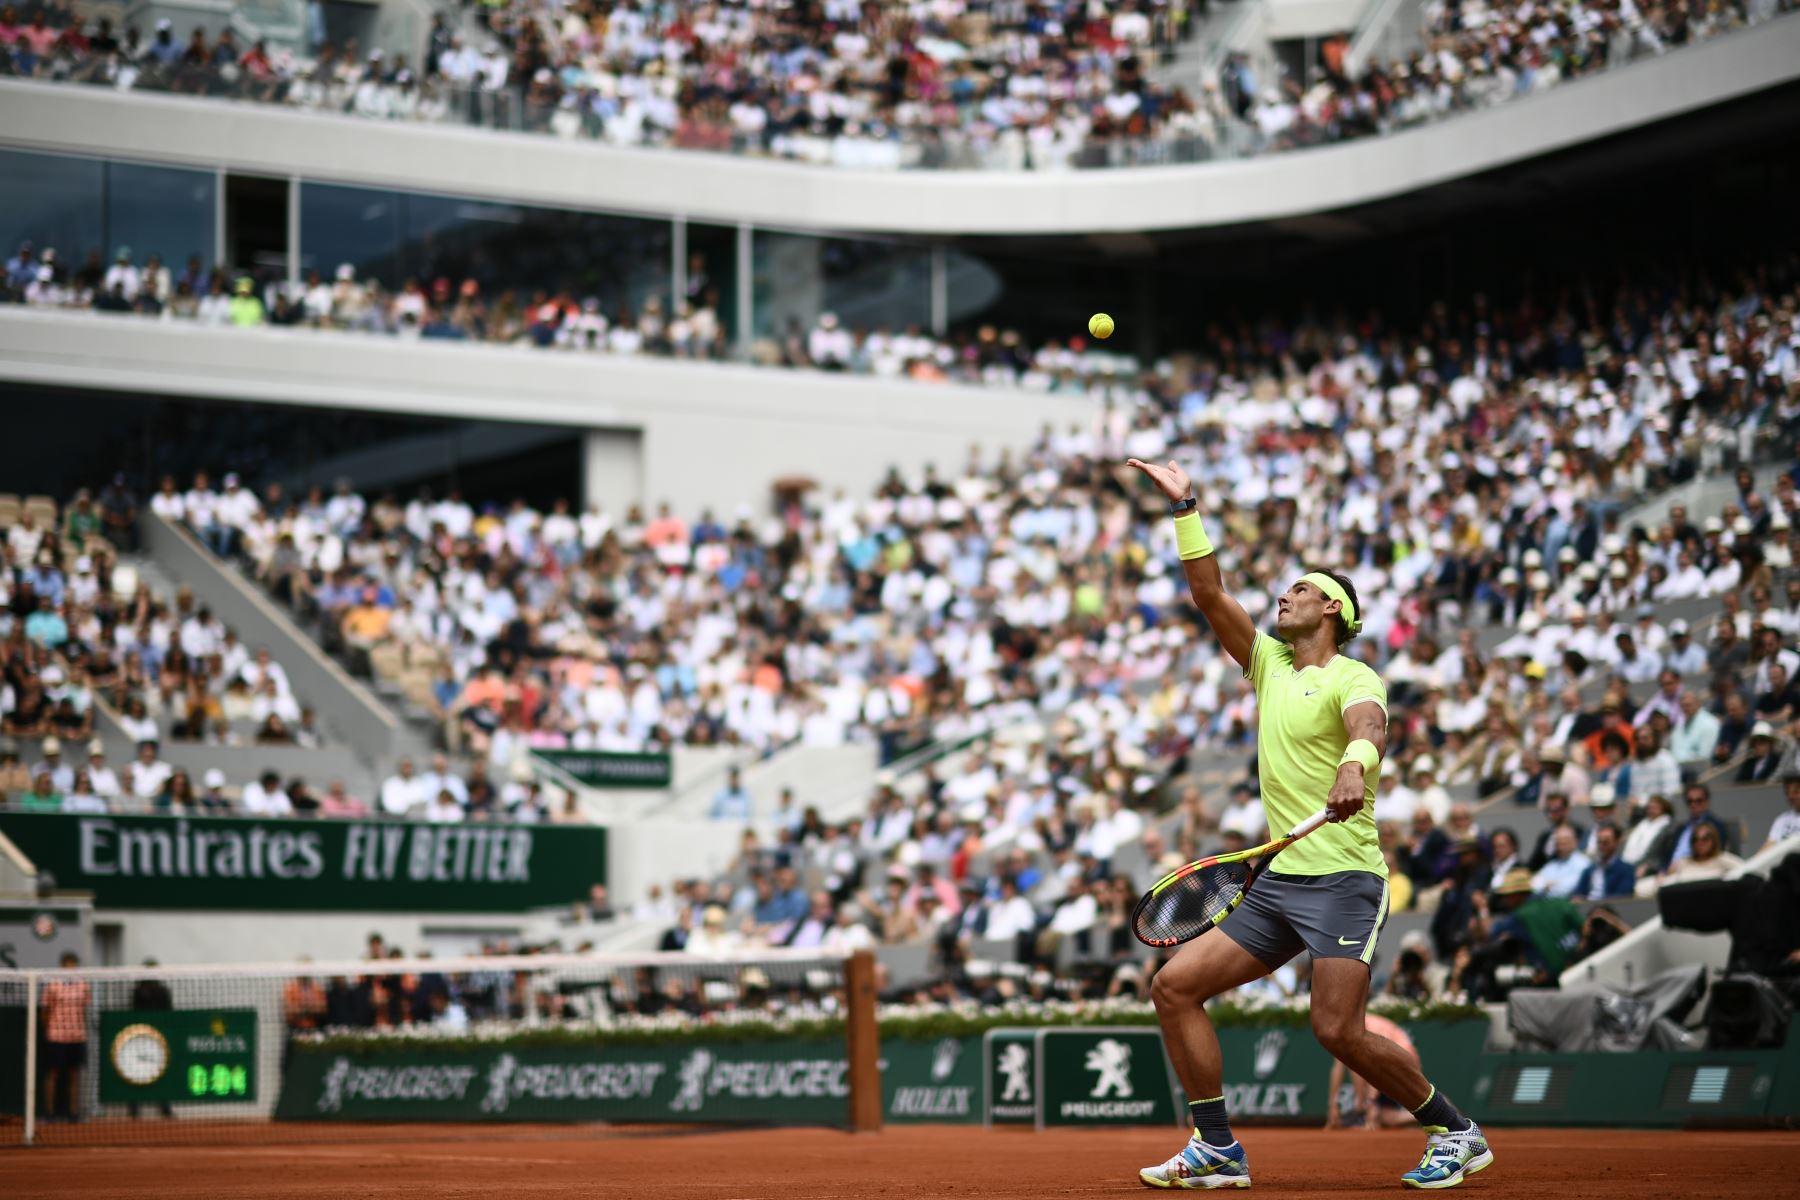 El español Rafael Nadal le sirve el balón al dominicano Thiem de Austria durante el último partido de individuales masculino del torneo de tenis Roland Garros 2019. Foto:AFP